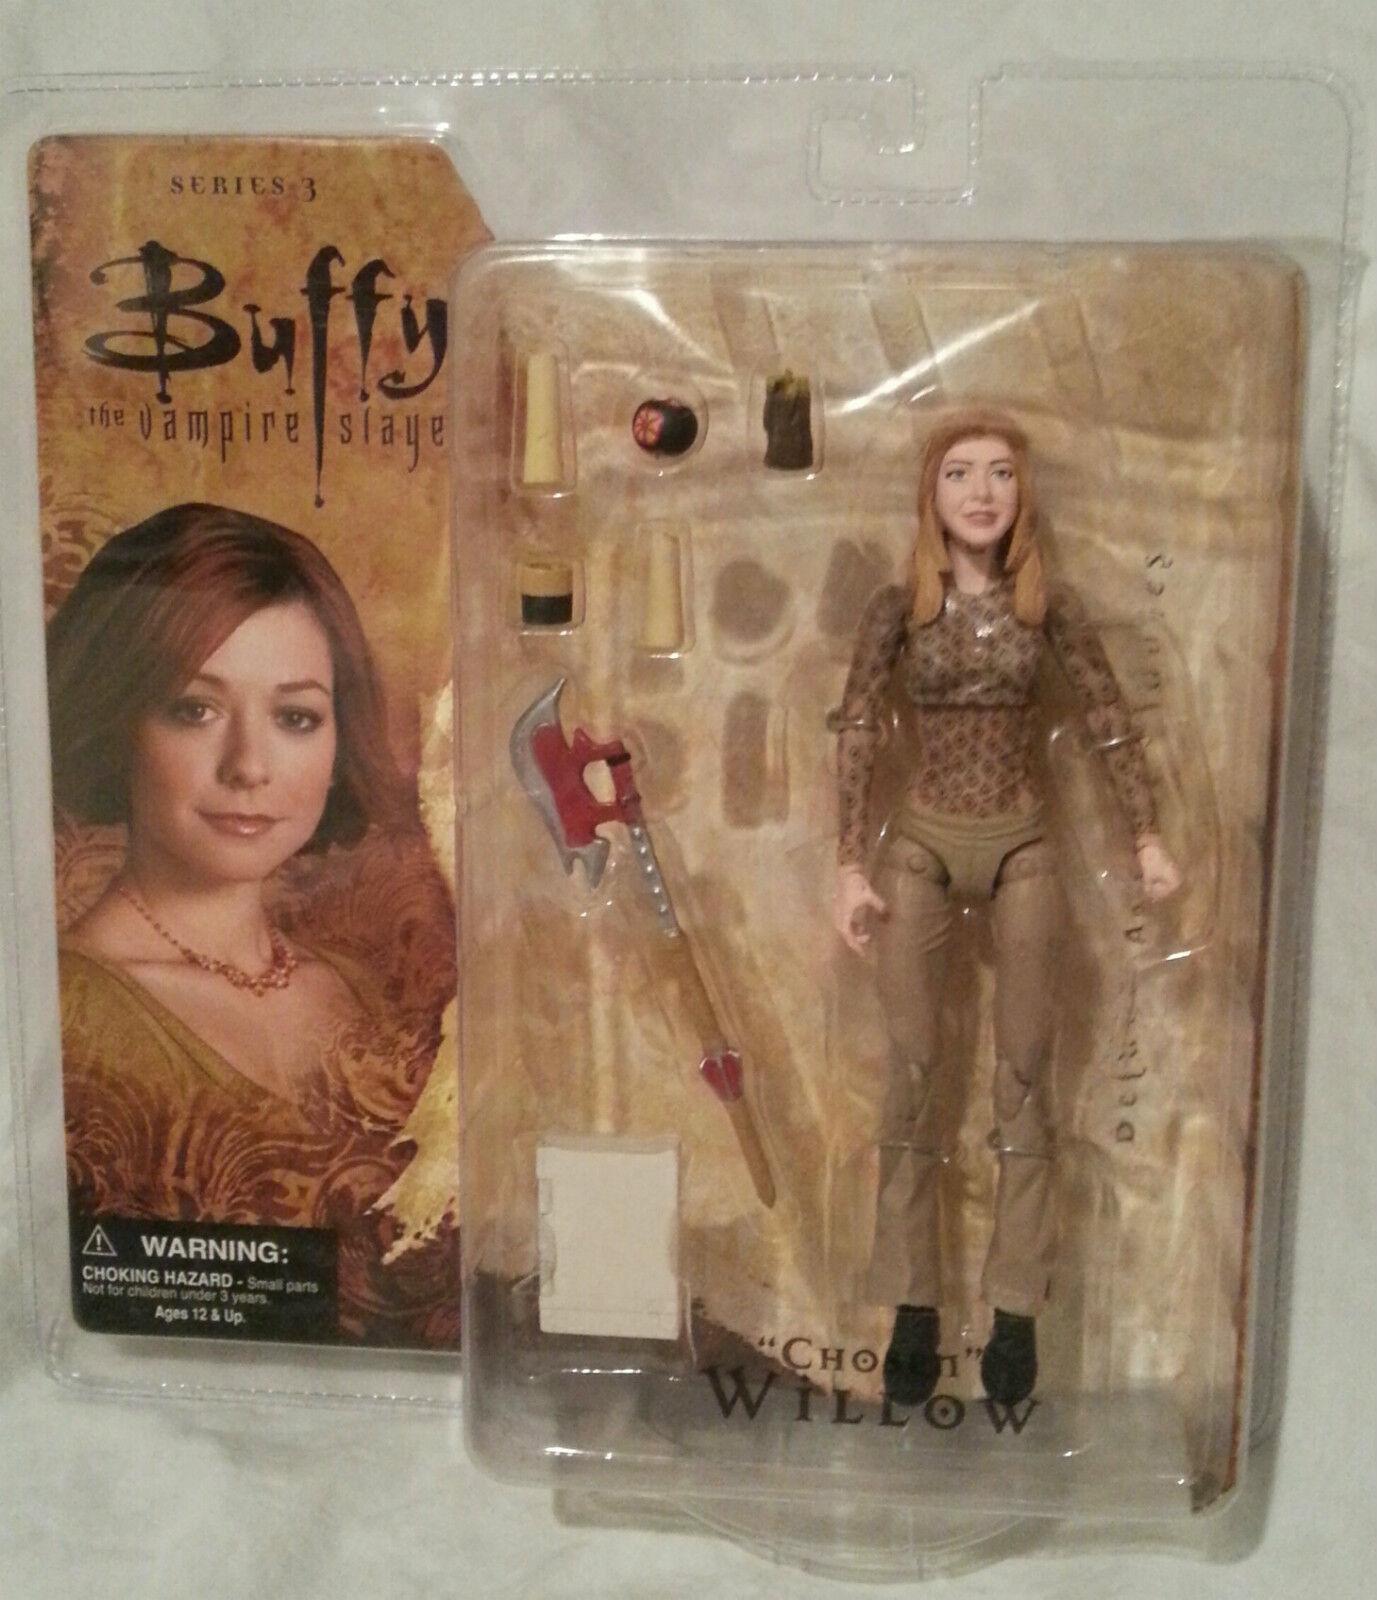 Buffy the vampire slayer gewählt - 6  - figur, auf der karte)